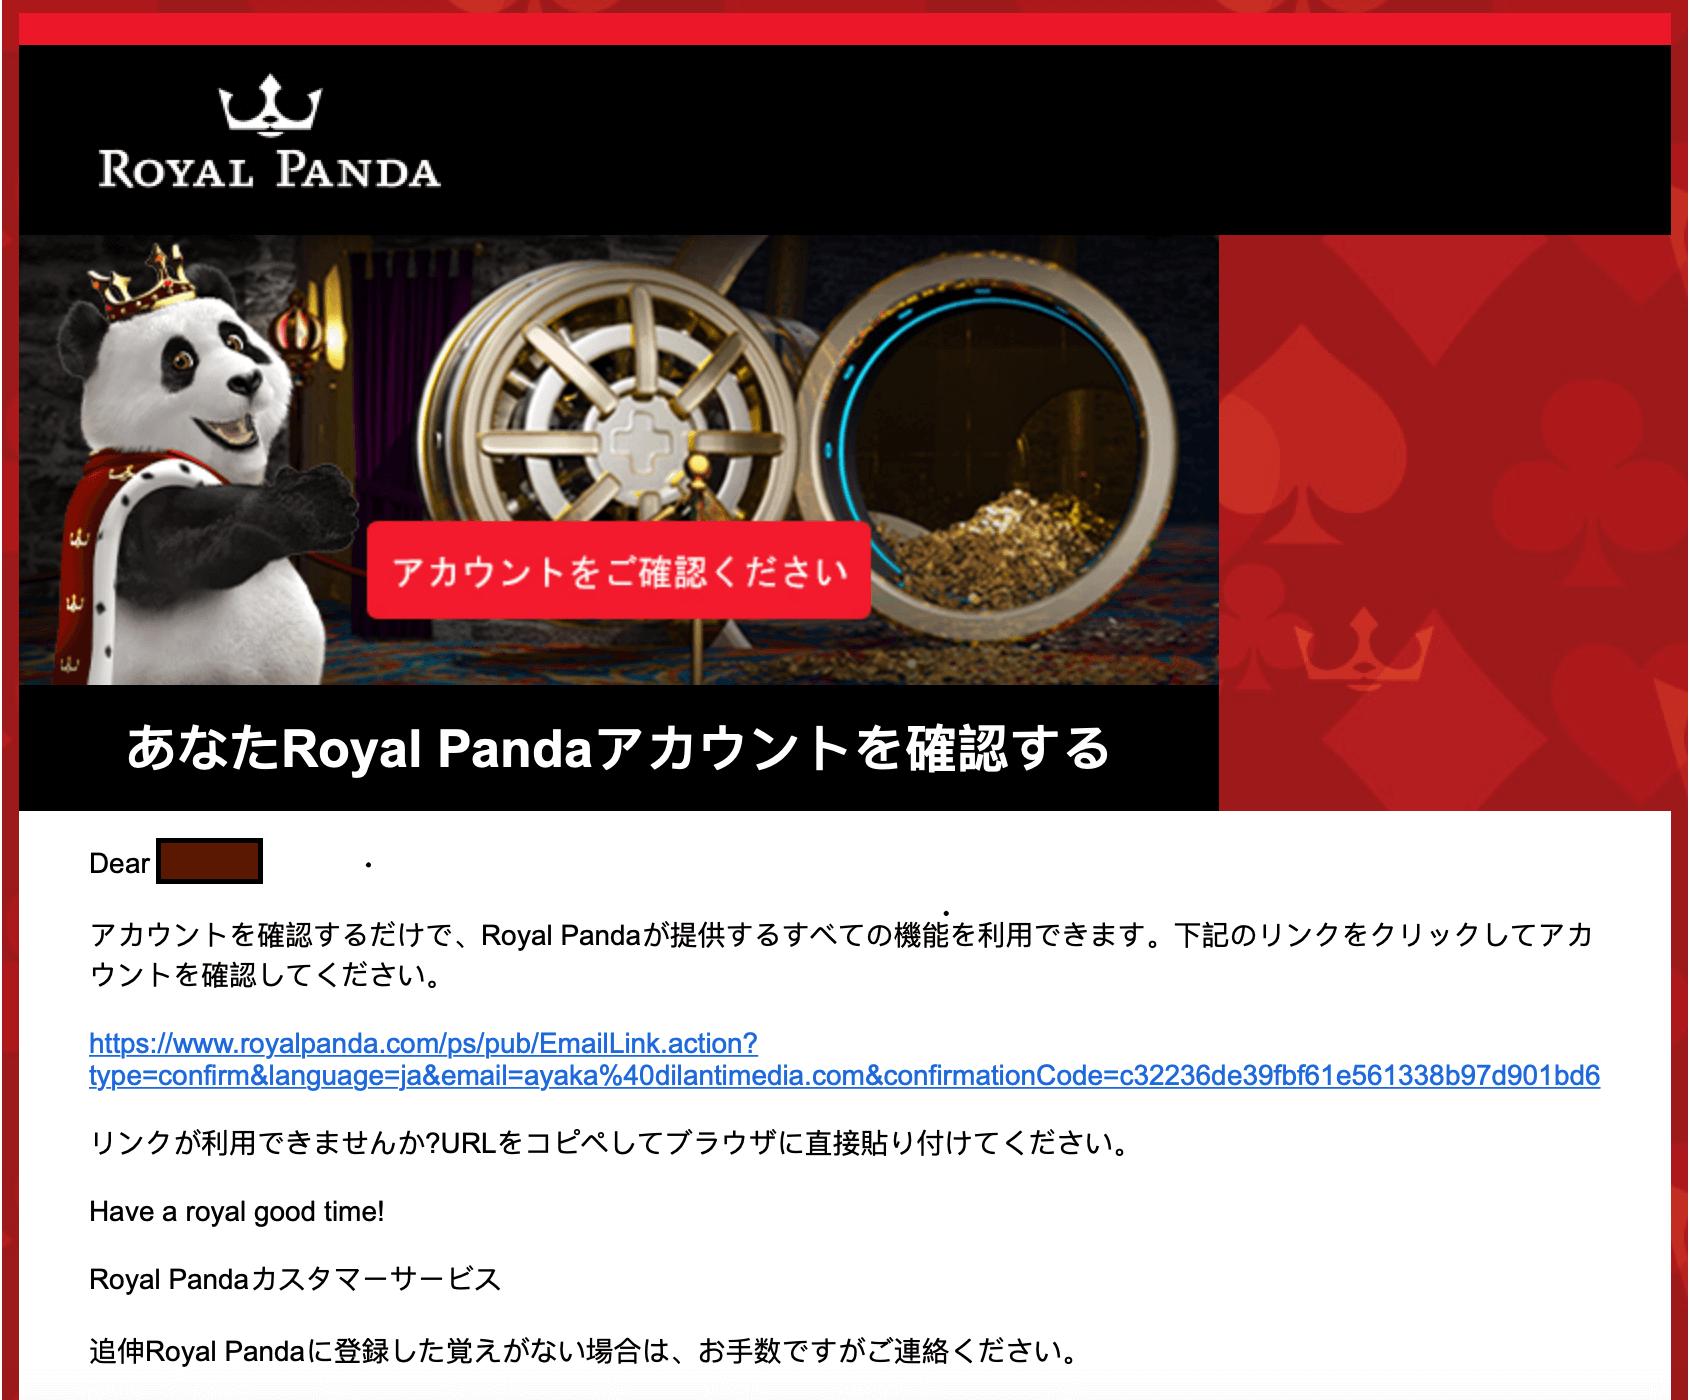 ロイヤルパンダ アカウント